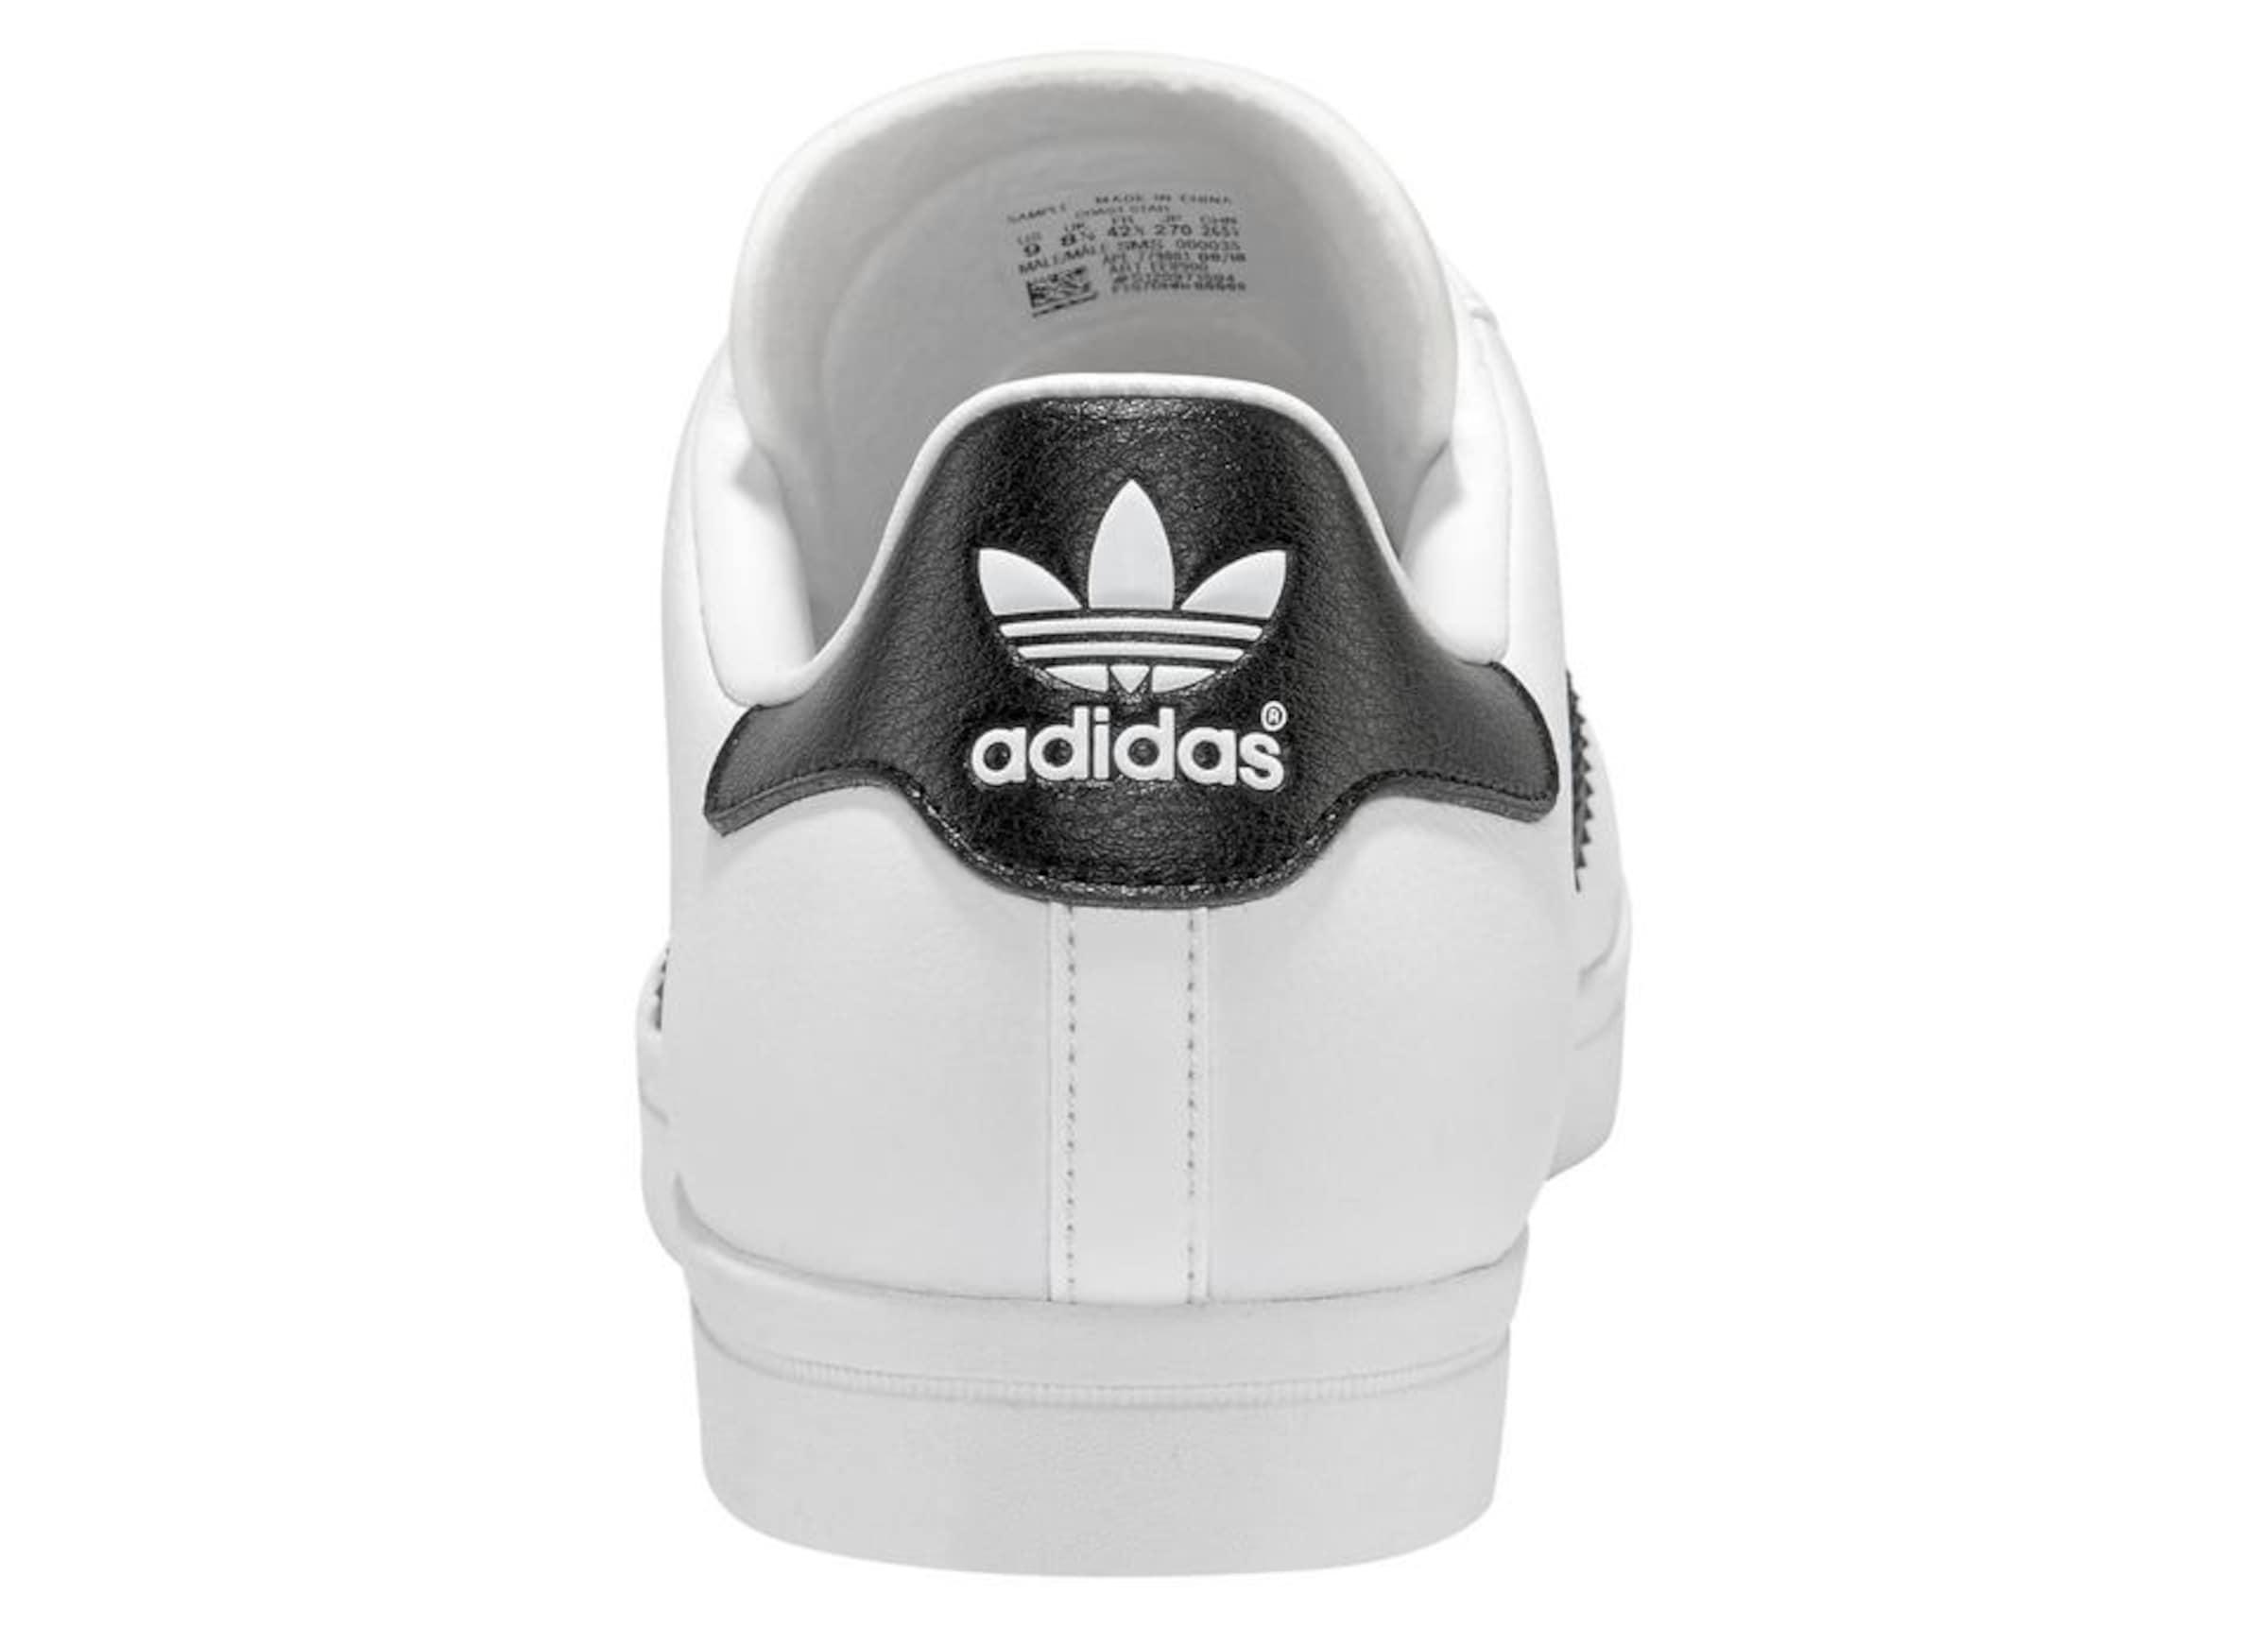 In SchwarzWeiß Originals Schuh 'coast Star' Adidas 9IWEYbeDH2